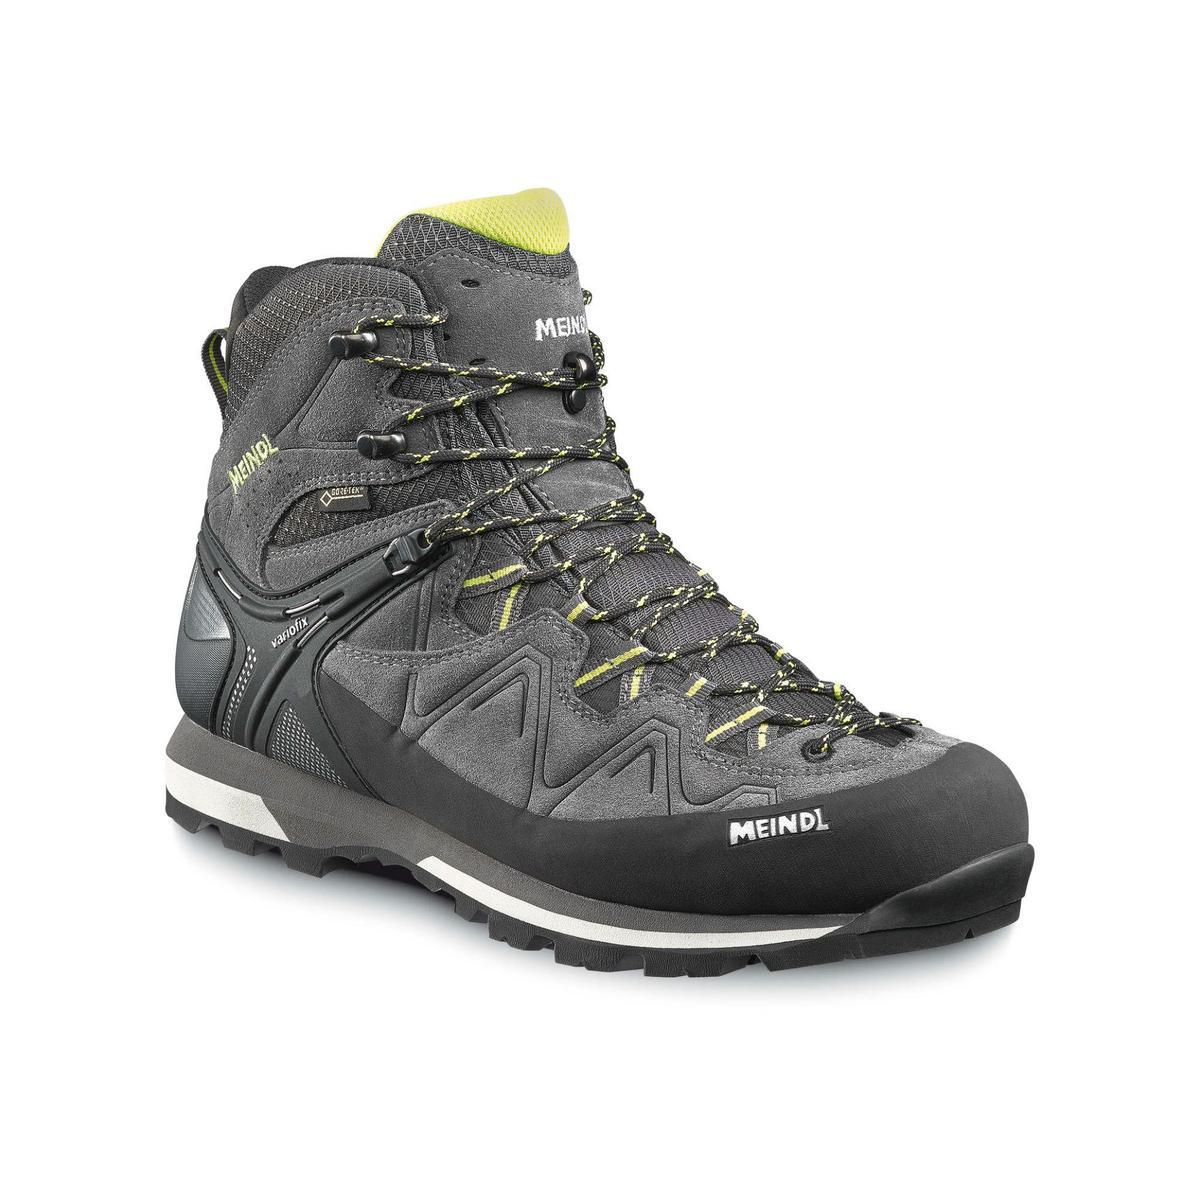 Meindl Boots Men's Tonale GTX Anthracite/Lemon